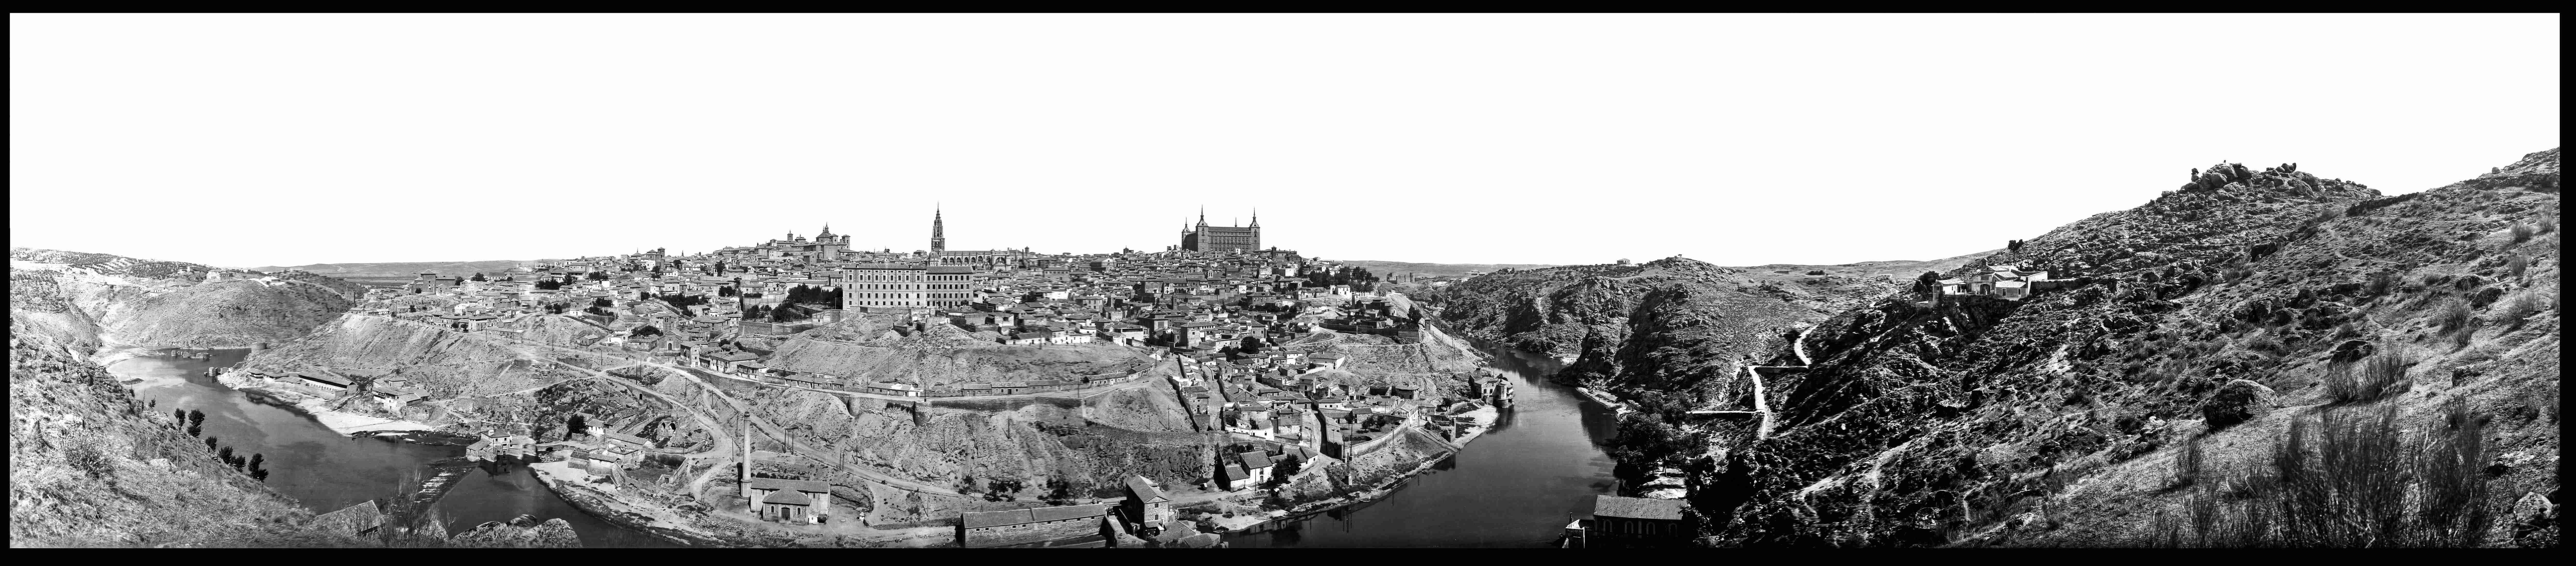 Nuestro regalo de Reyes: Una panorámica de Toledo desde los cigarrales de 1932 3